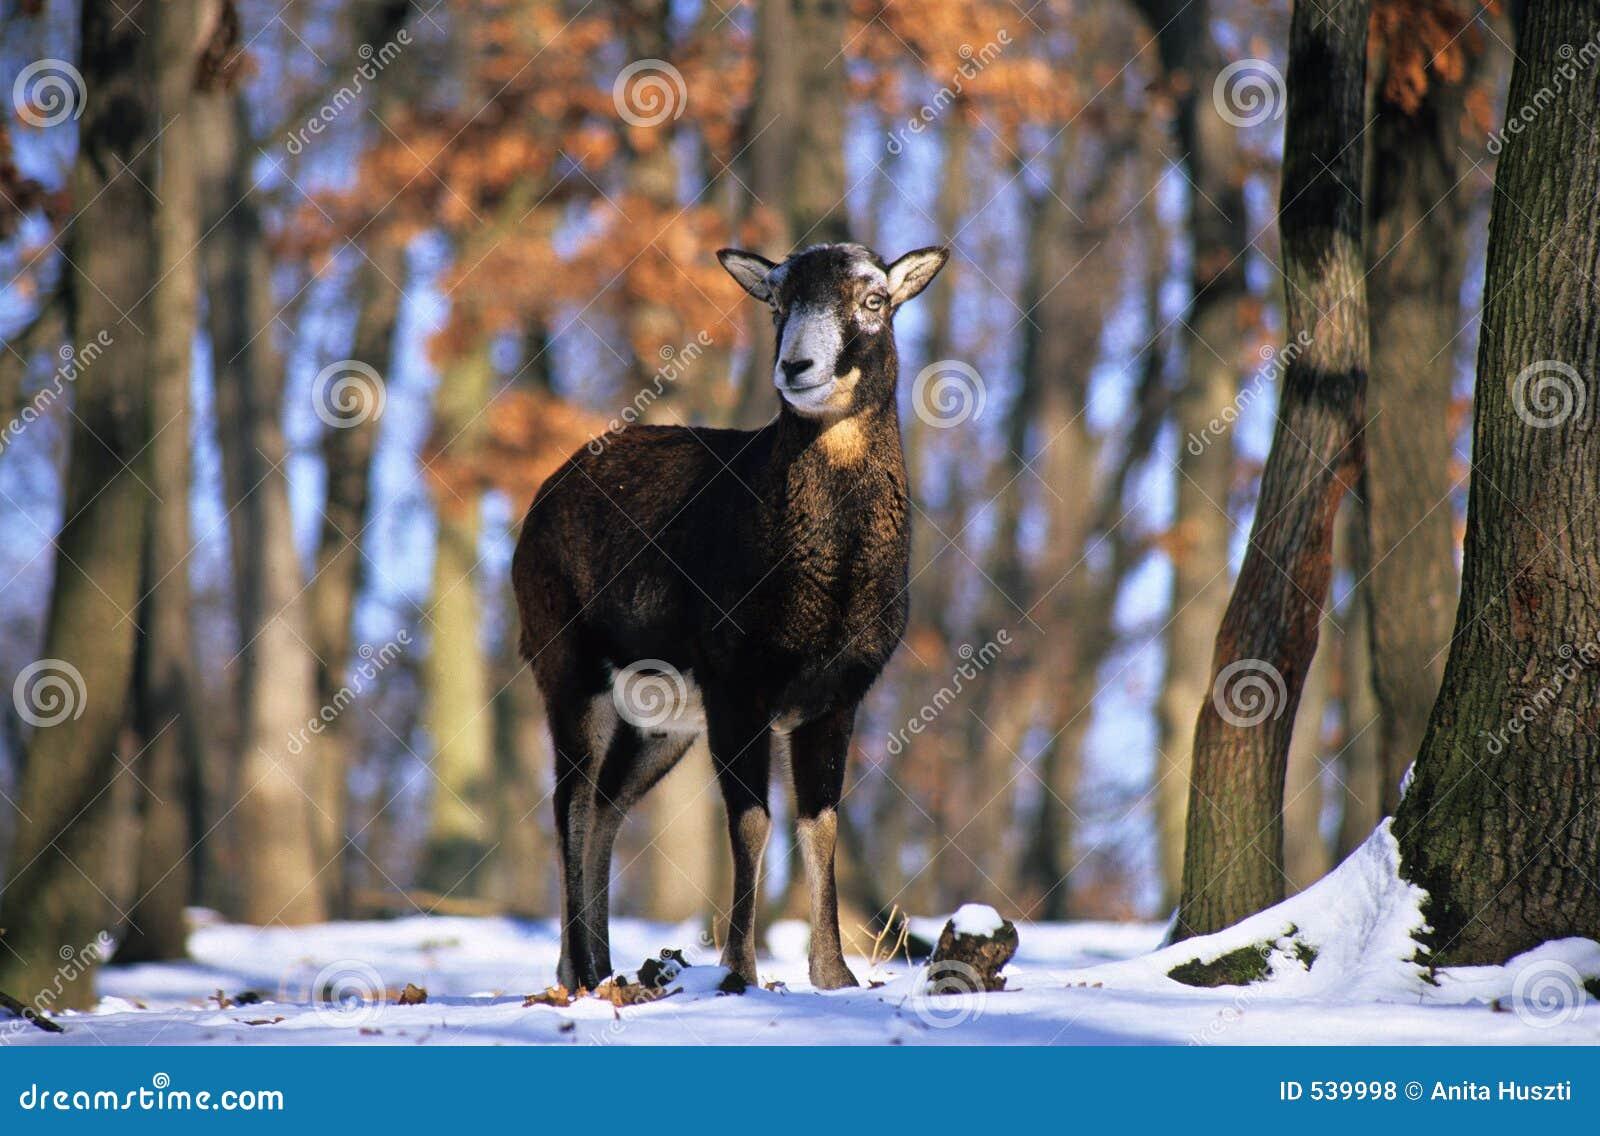 Download 通配的绵羊 库存照片. 图片 包括有 担任主角, 草食动物, 横向, 通配, 题头, 白兰地酒, 结构树, 户外 - 539998